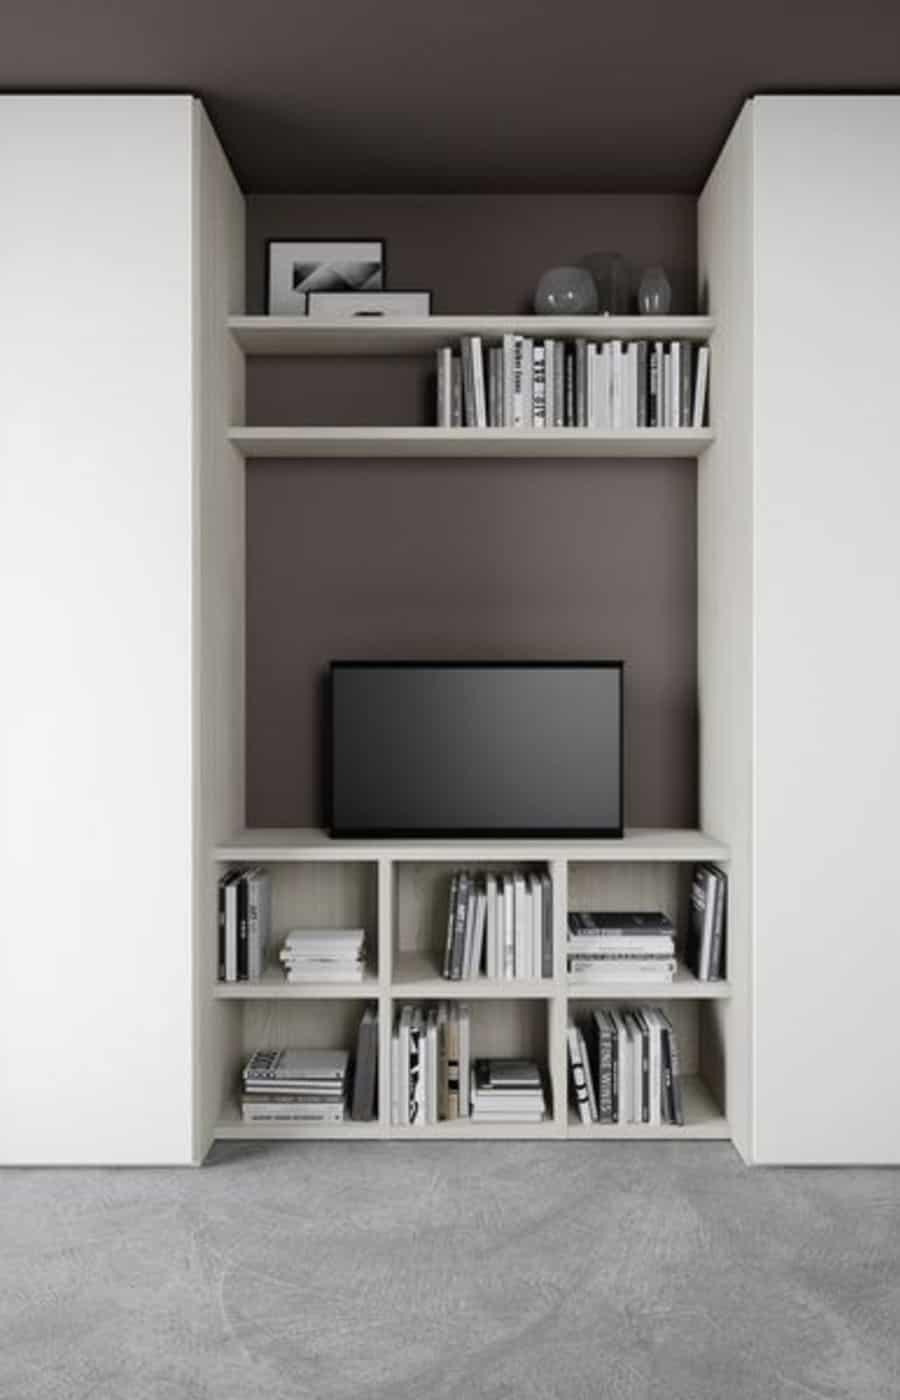 armadio-battente-vano-tv-collezione-number-il-mobile